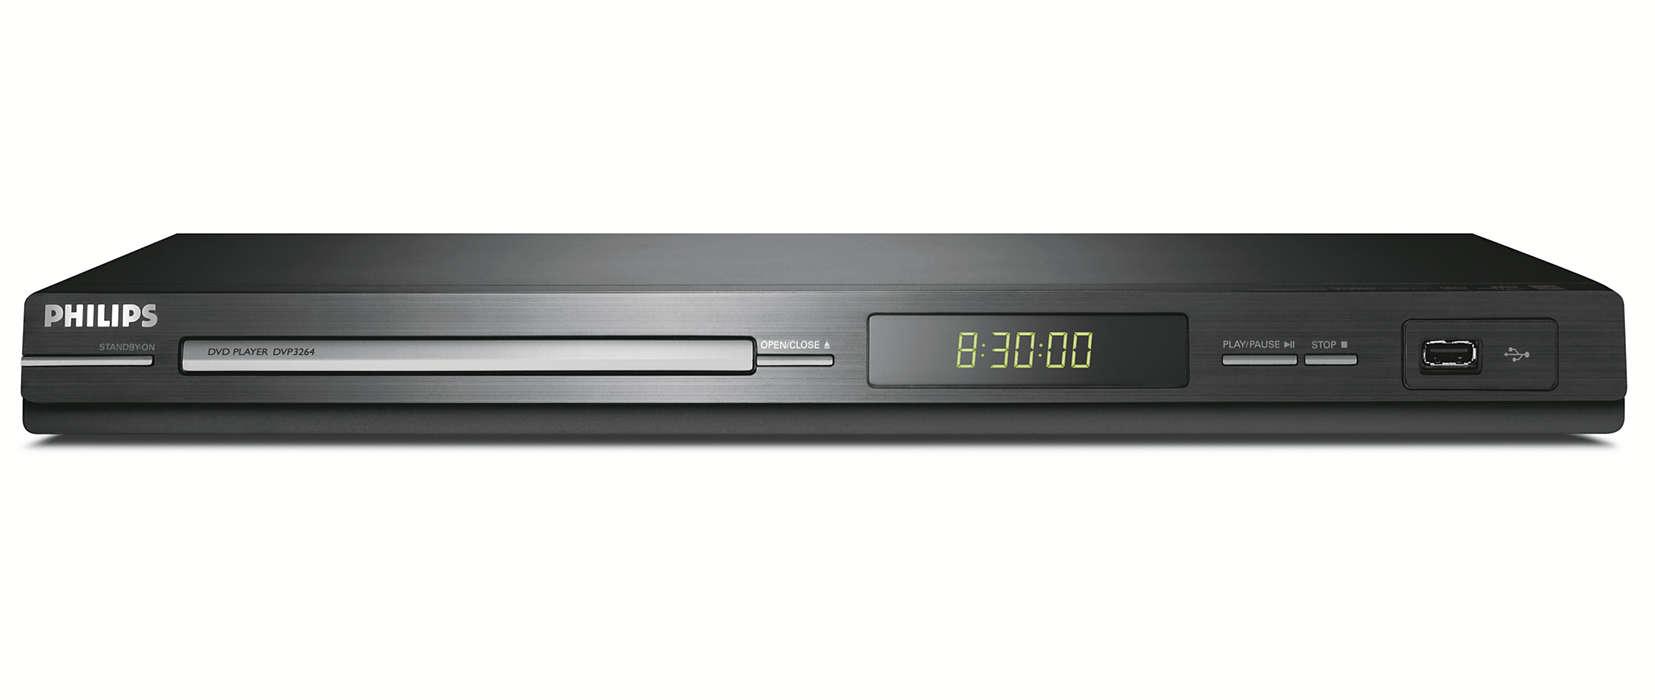 Suora USB-liitäntä televisioon